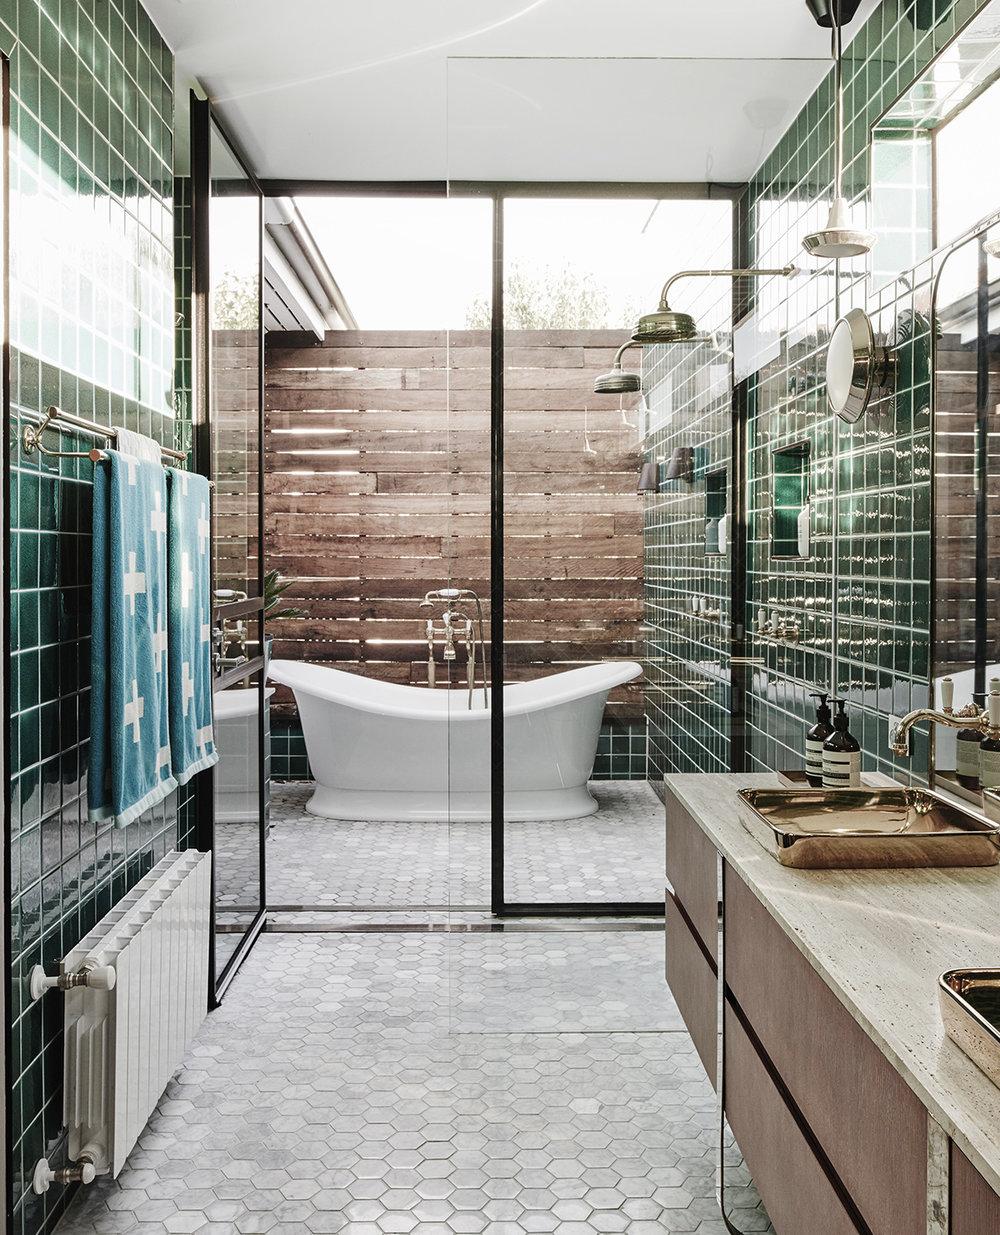 Photography Tom Blachford / Interior design Techne Architecture + Interior Design